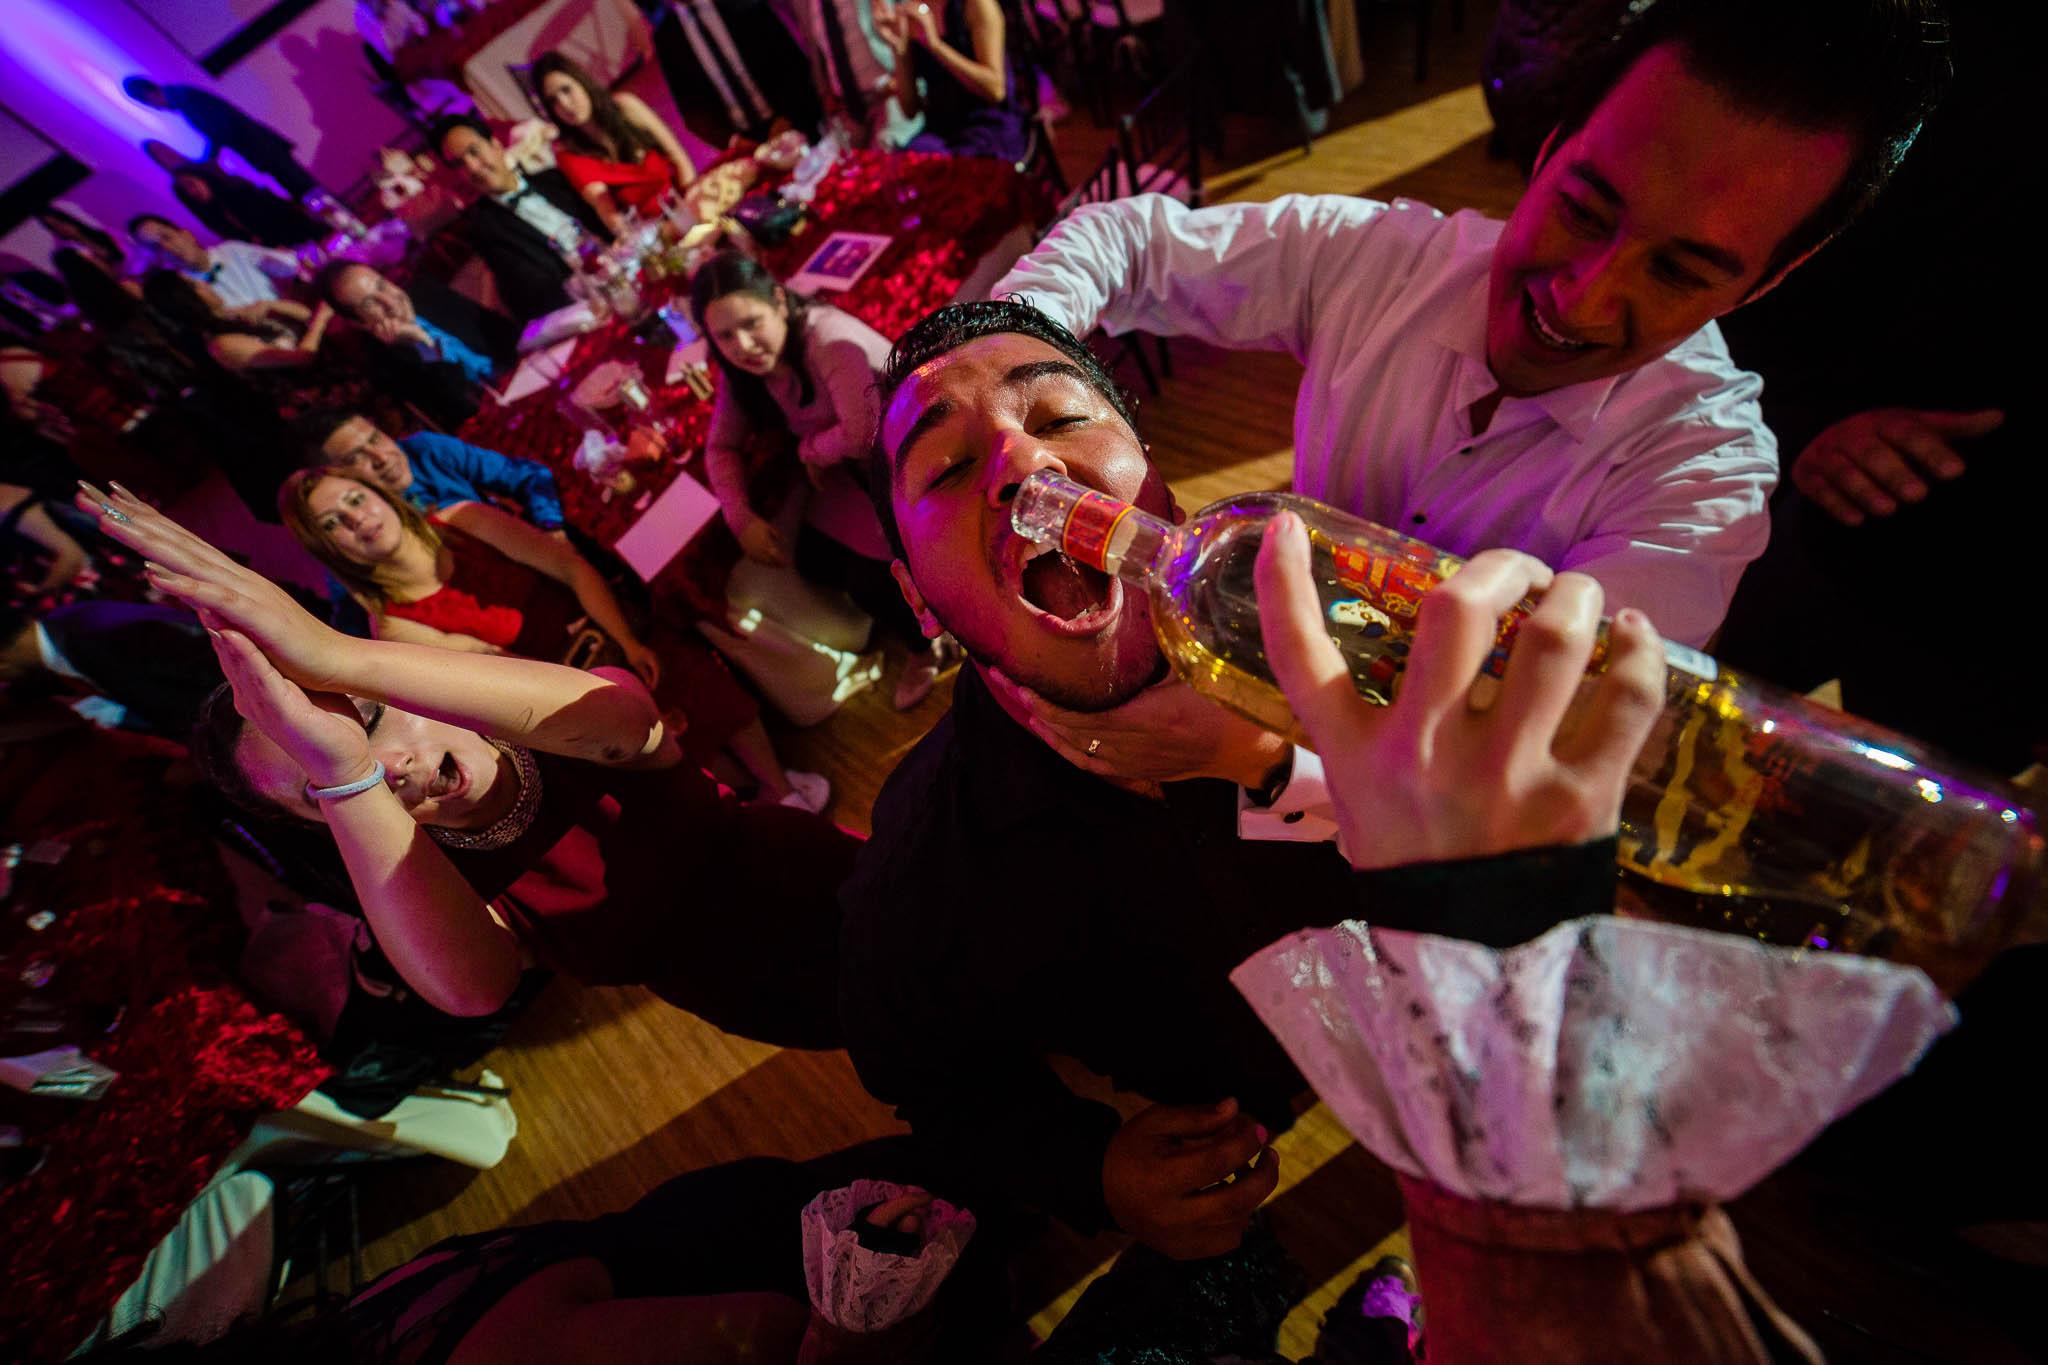 fotografo de bodas san luis potosi boda mexico wedding destination fotos de boda 272